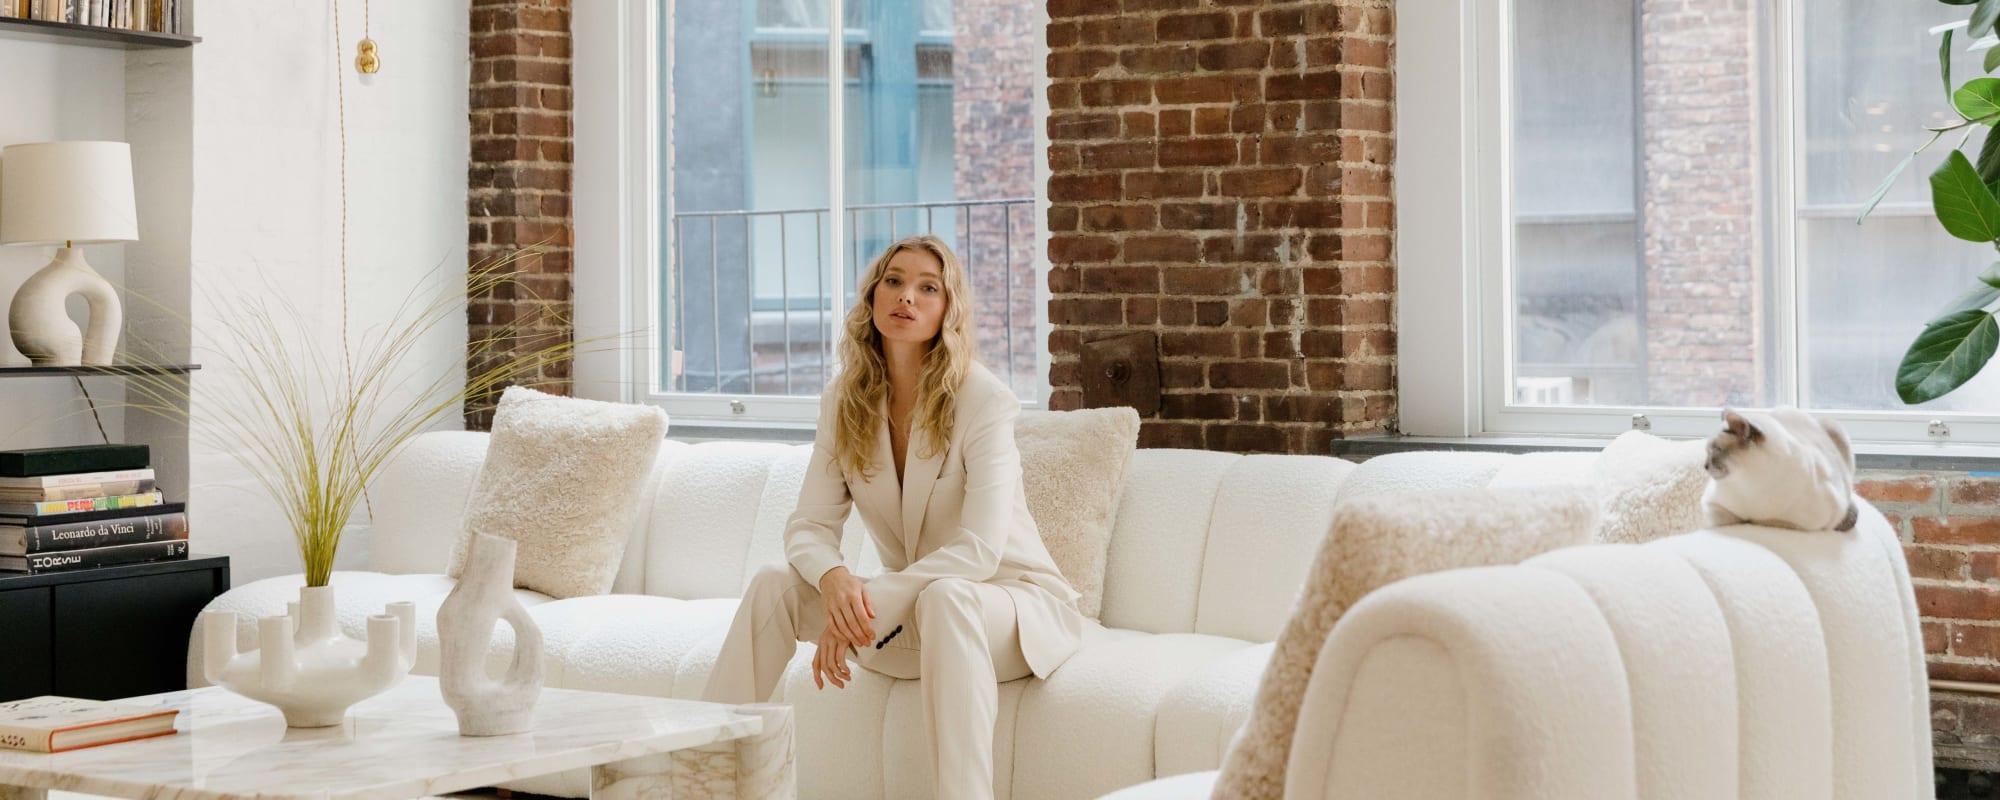 Elsa Hosk auf einem Bouclé-Sofa in ihrer Wohnung.